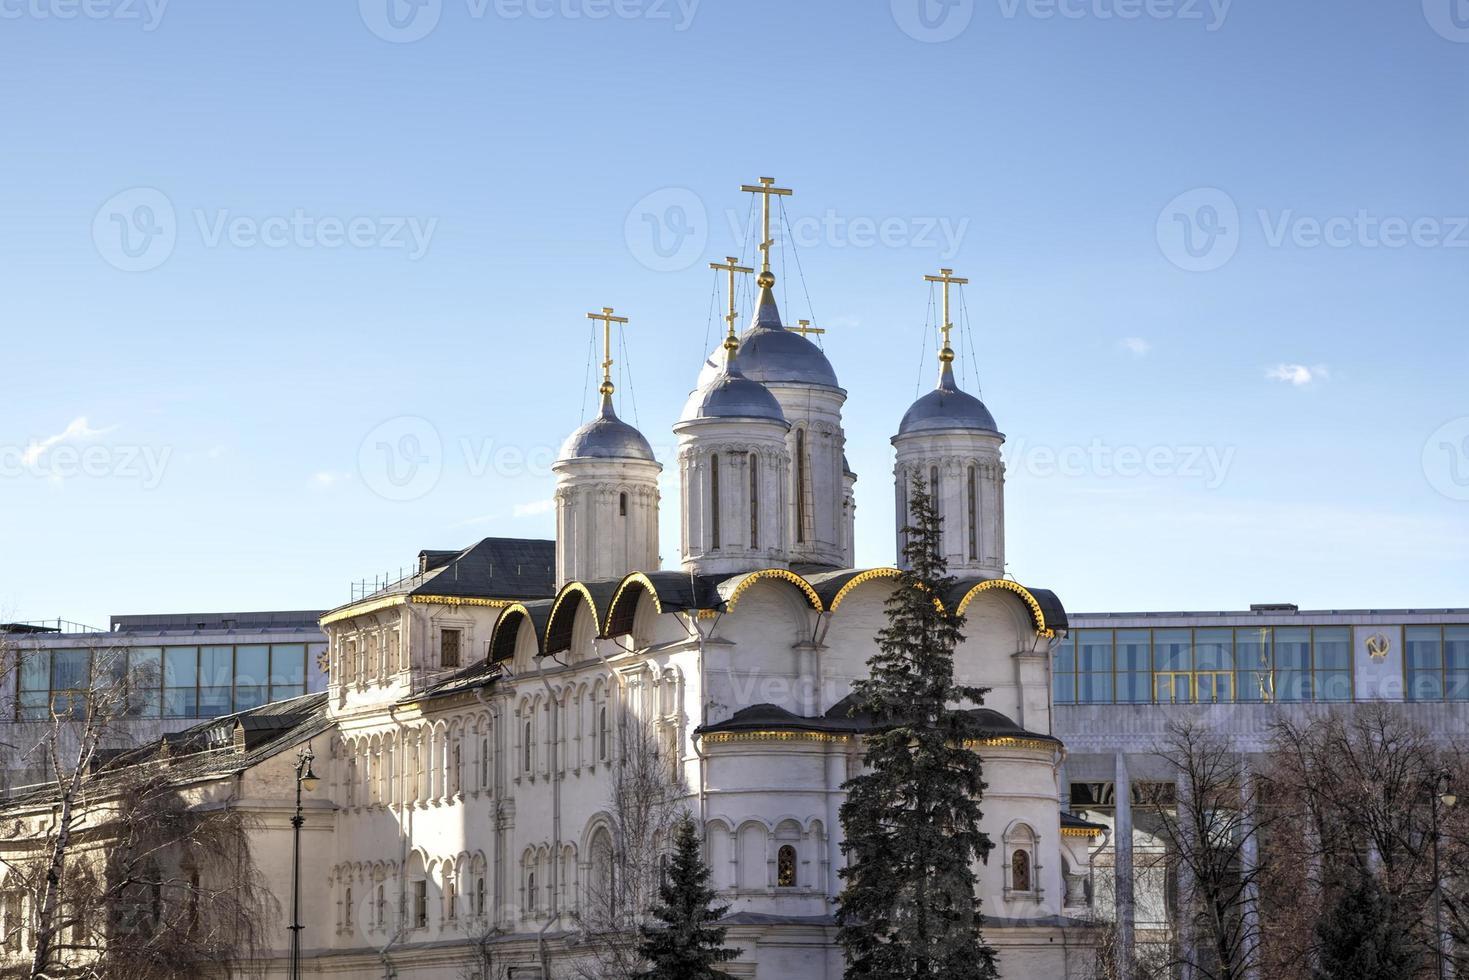 Patriarch Palast und die Kirche der zwölf Apostel. Moskauer Kreml, Russland foto